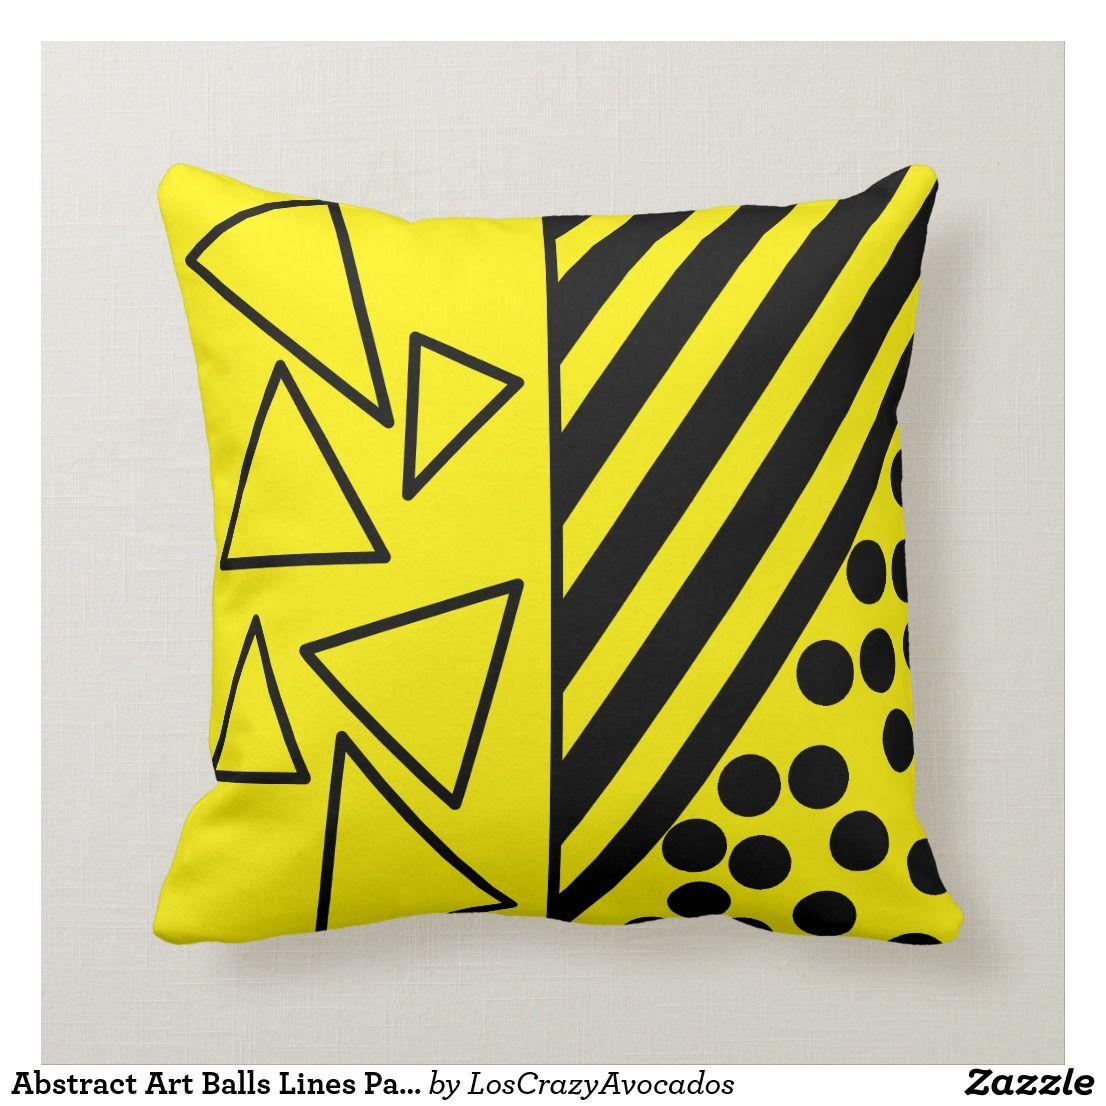 Abstract Art Balls Lines Pattern Pillow Cushion Zazzle Com Pillows Pillow Cushion Pillow Pattern